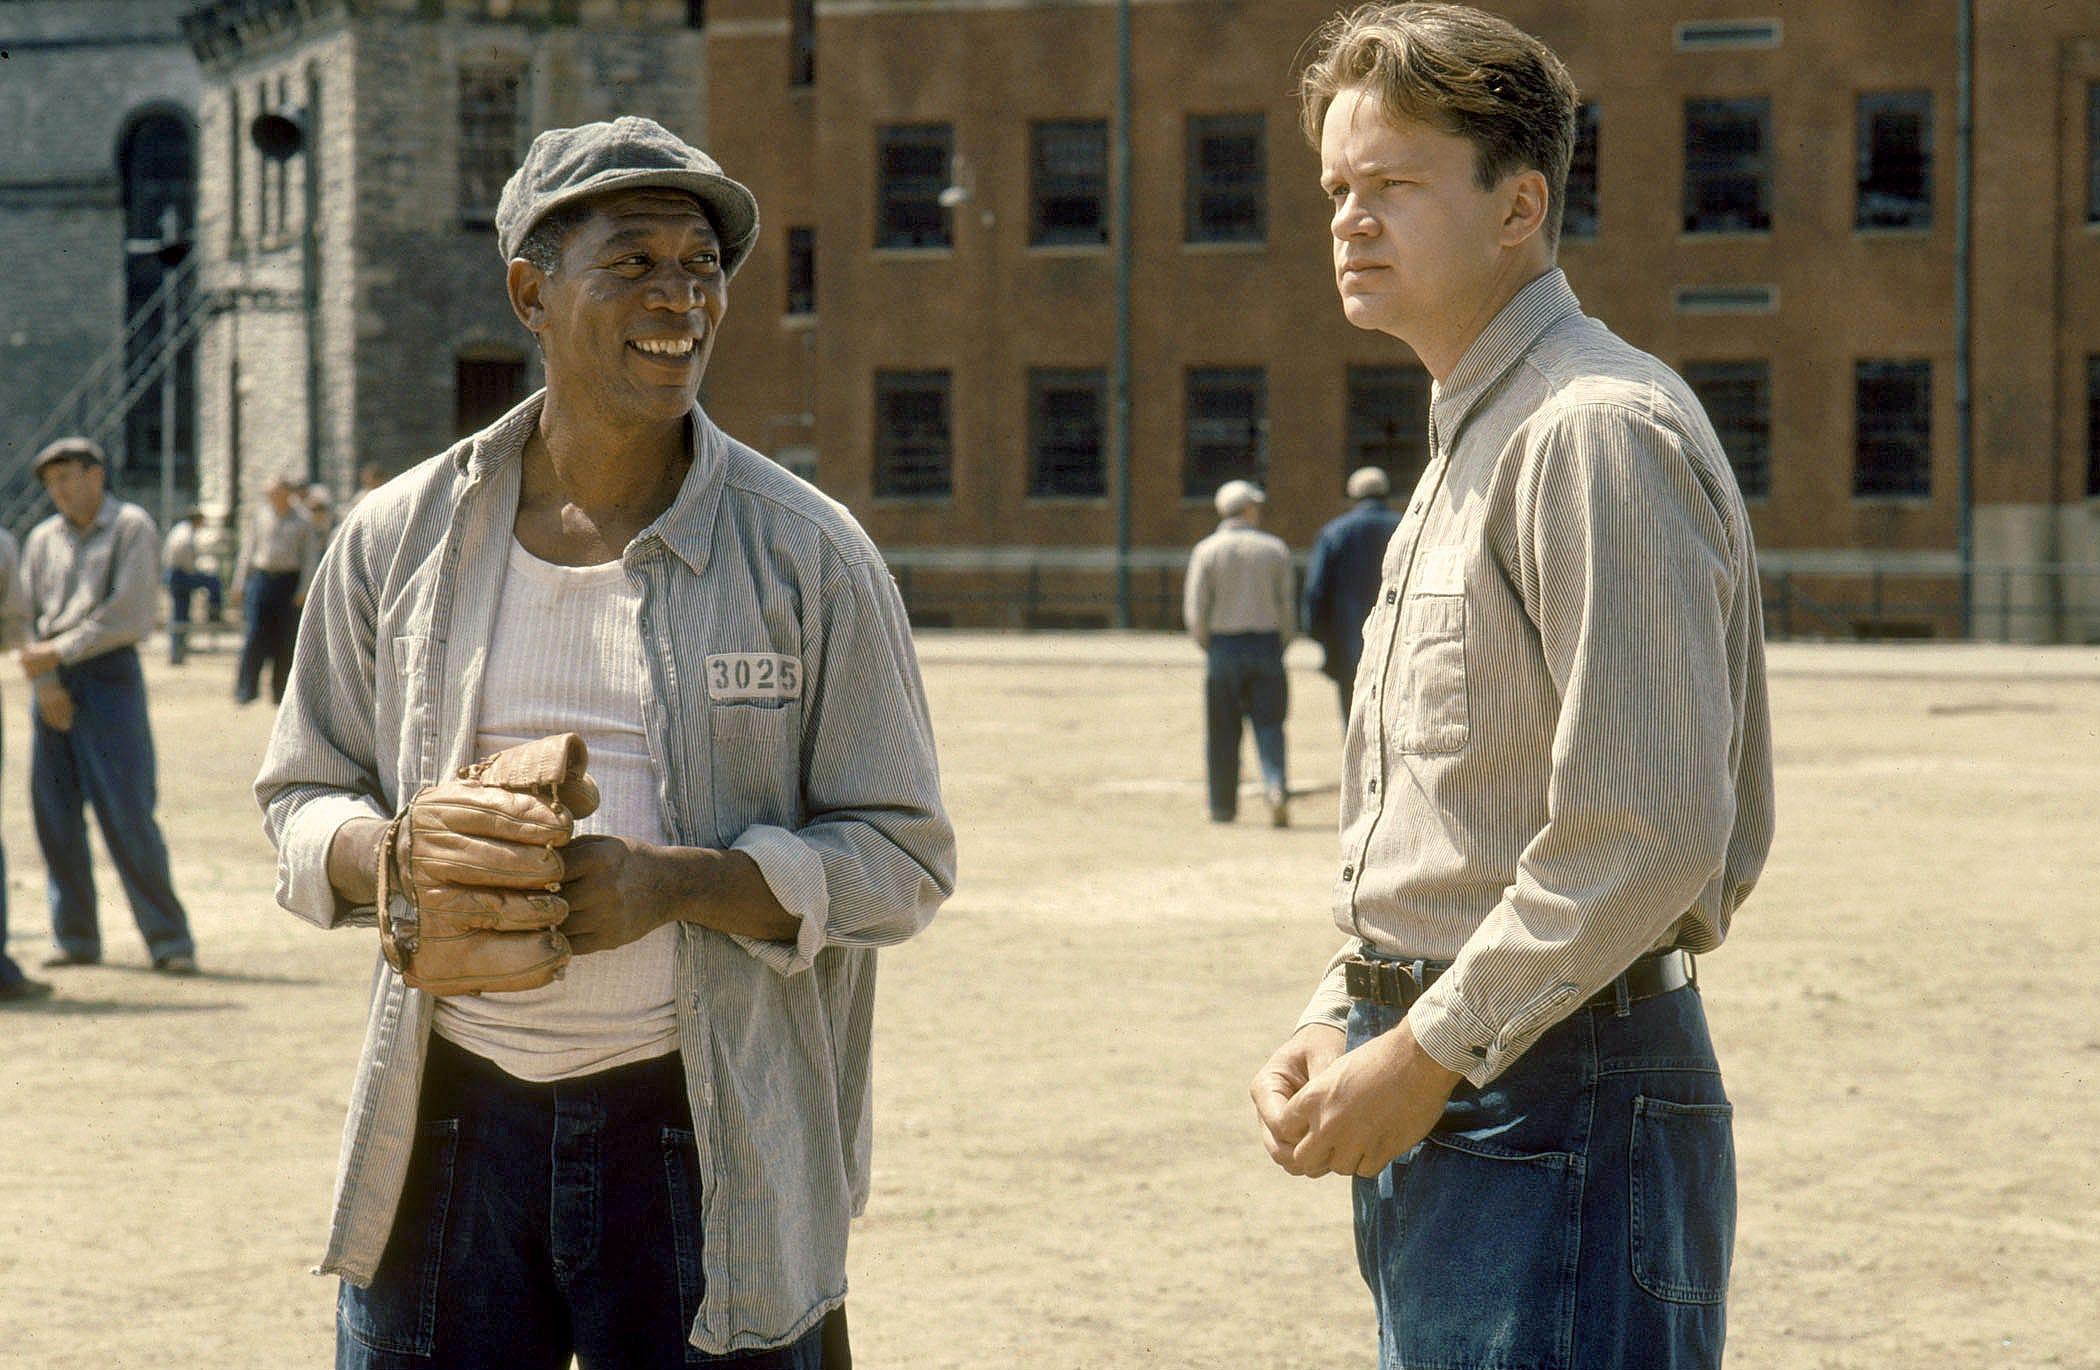 Shawshank Redemption 25th Anniversary Cast To Reunite In Mansfield